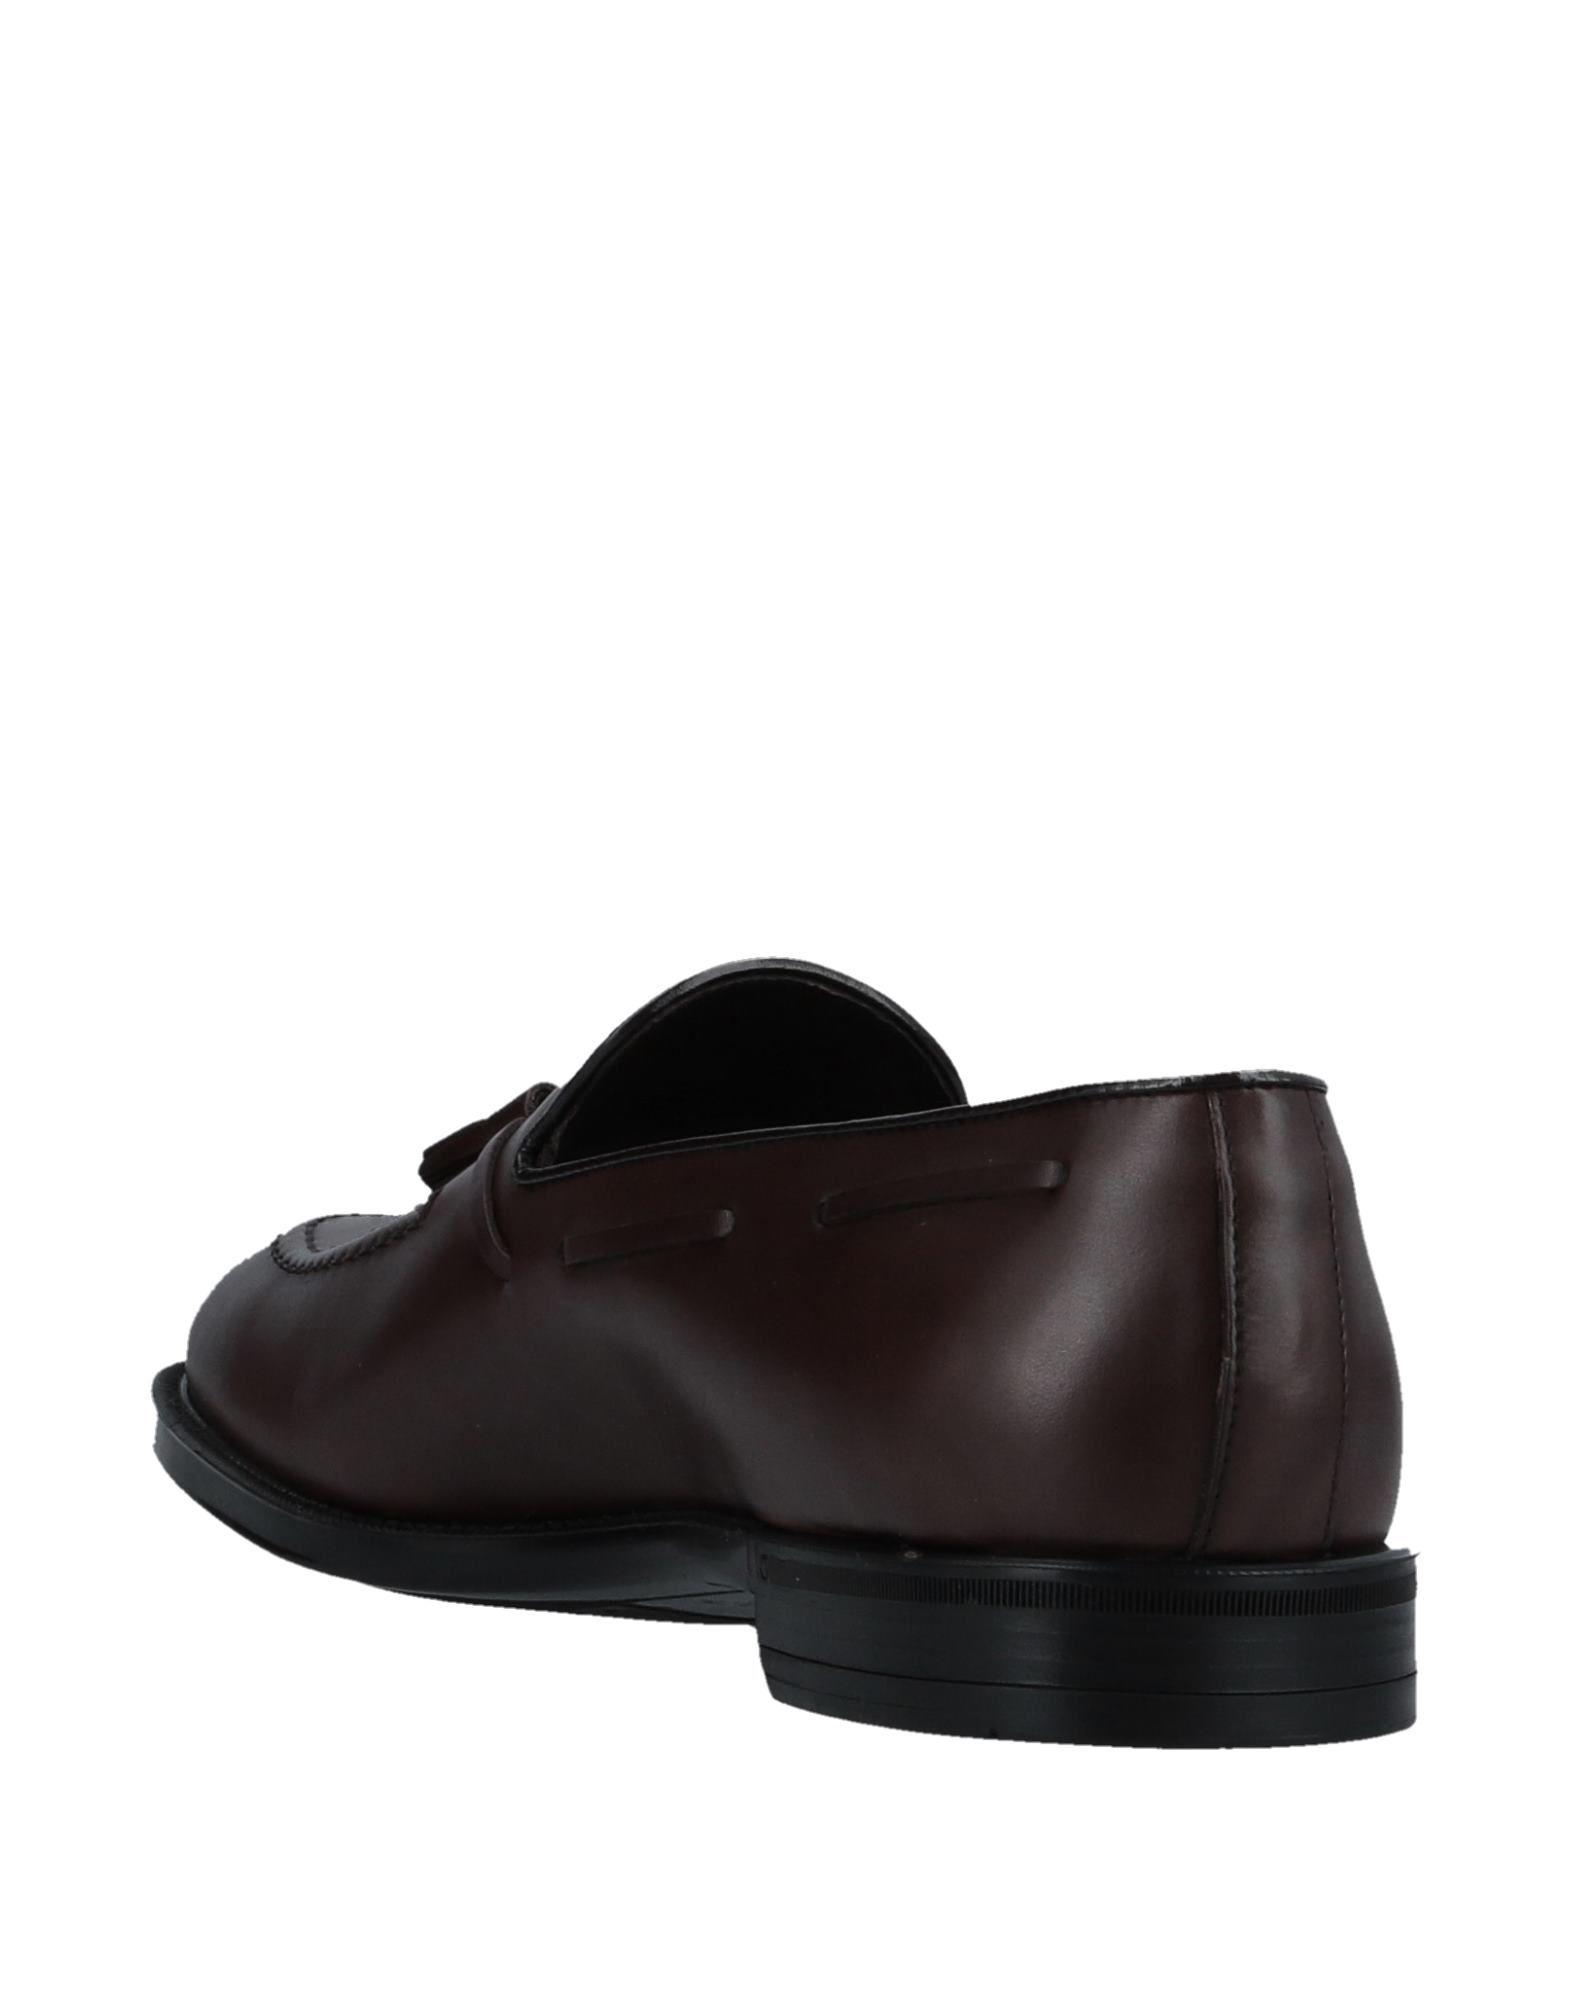 Doucal's Mokassins Herren  11508762PM Schuhe Gute Qualität beliebte Schuhe 11508762PM 6fc272